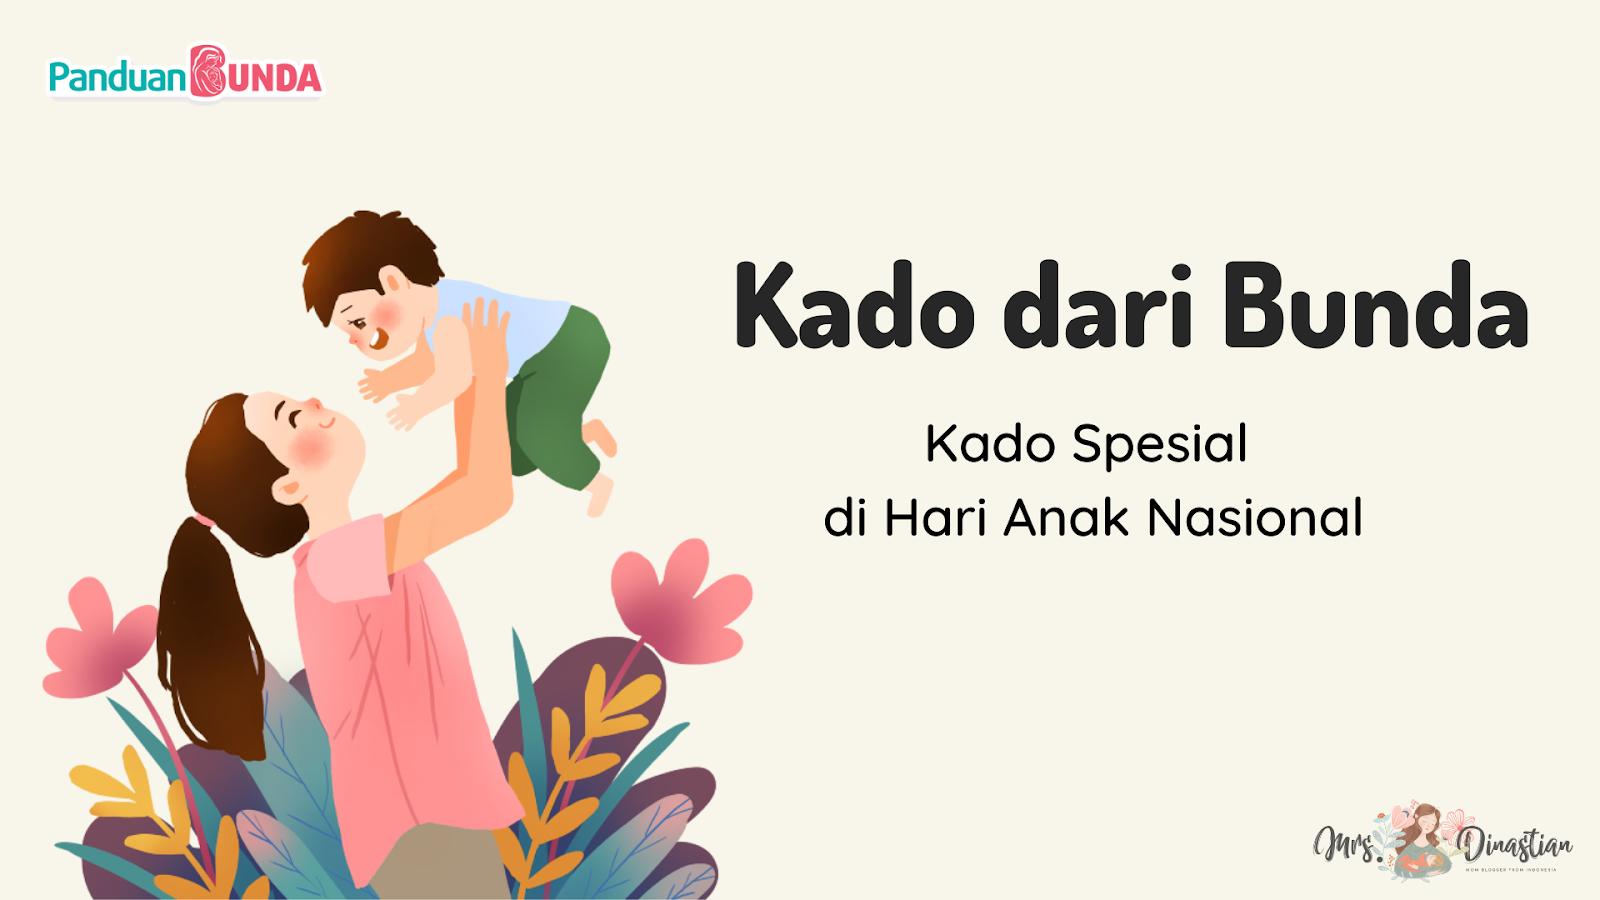 Kado dari Bunda, Kado Spesial di Hari Anak Nasional